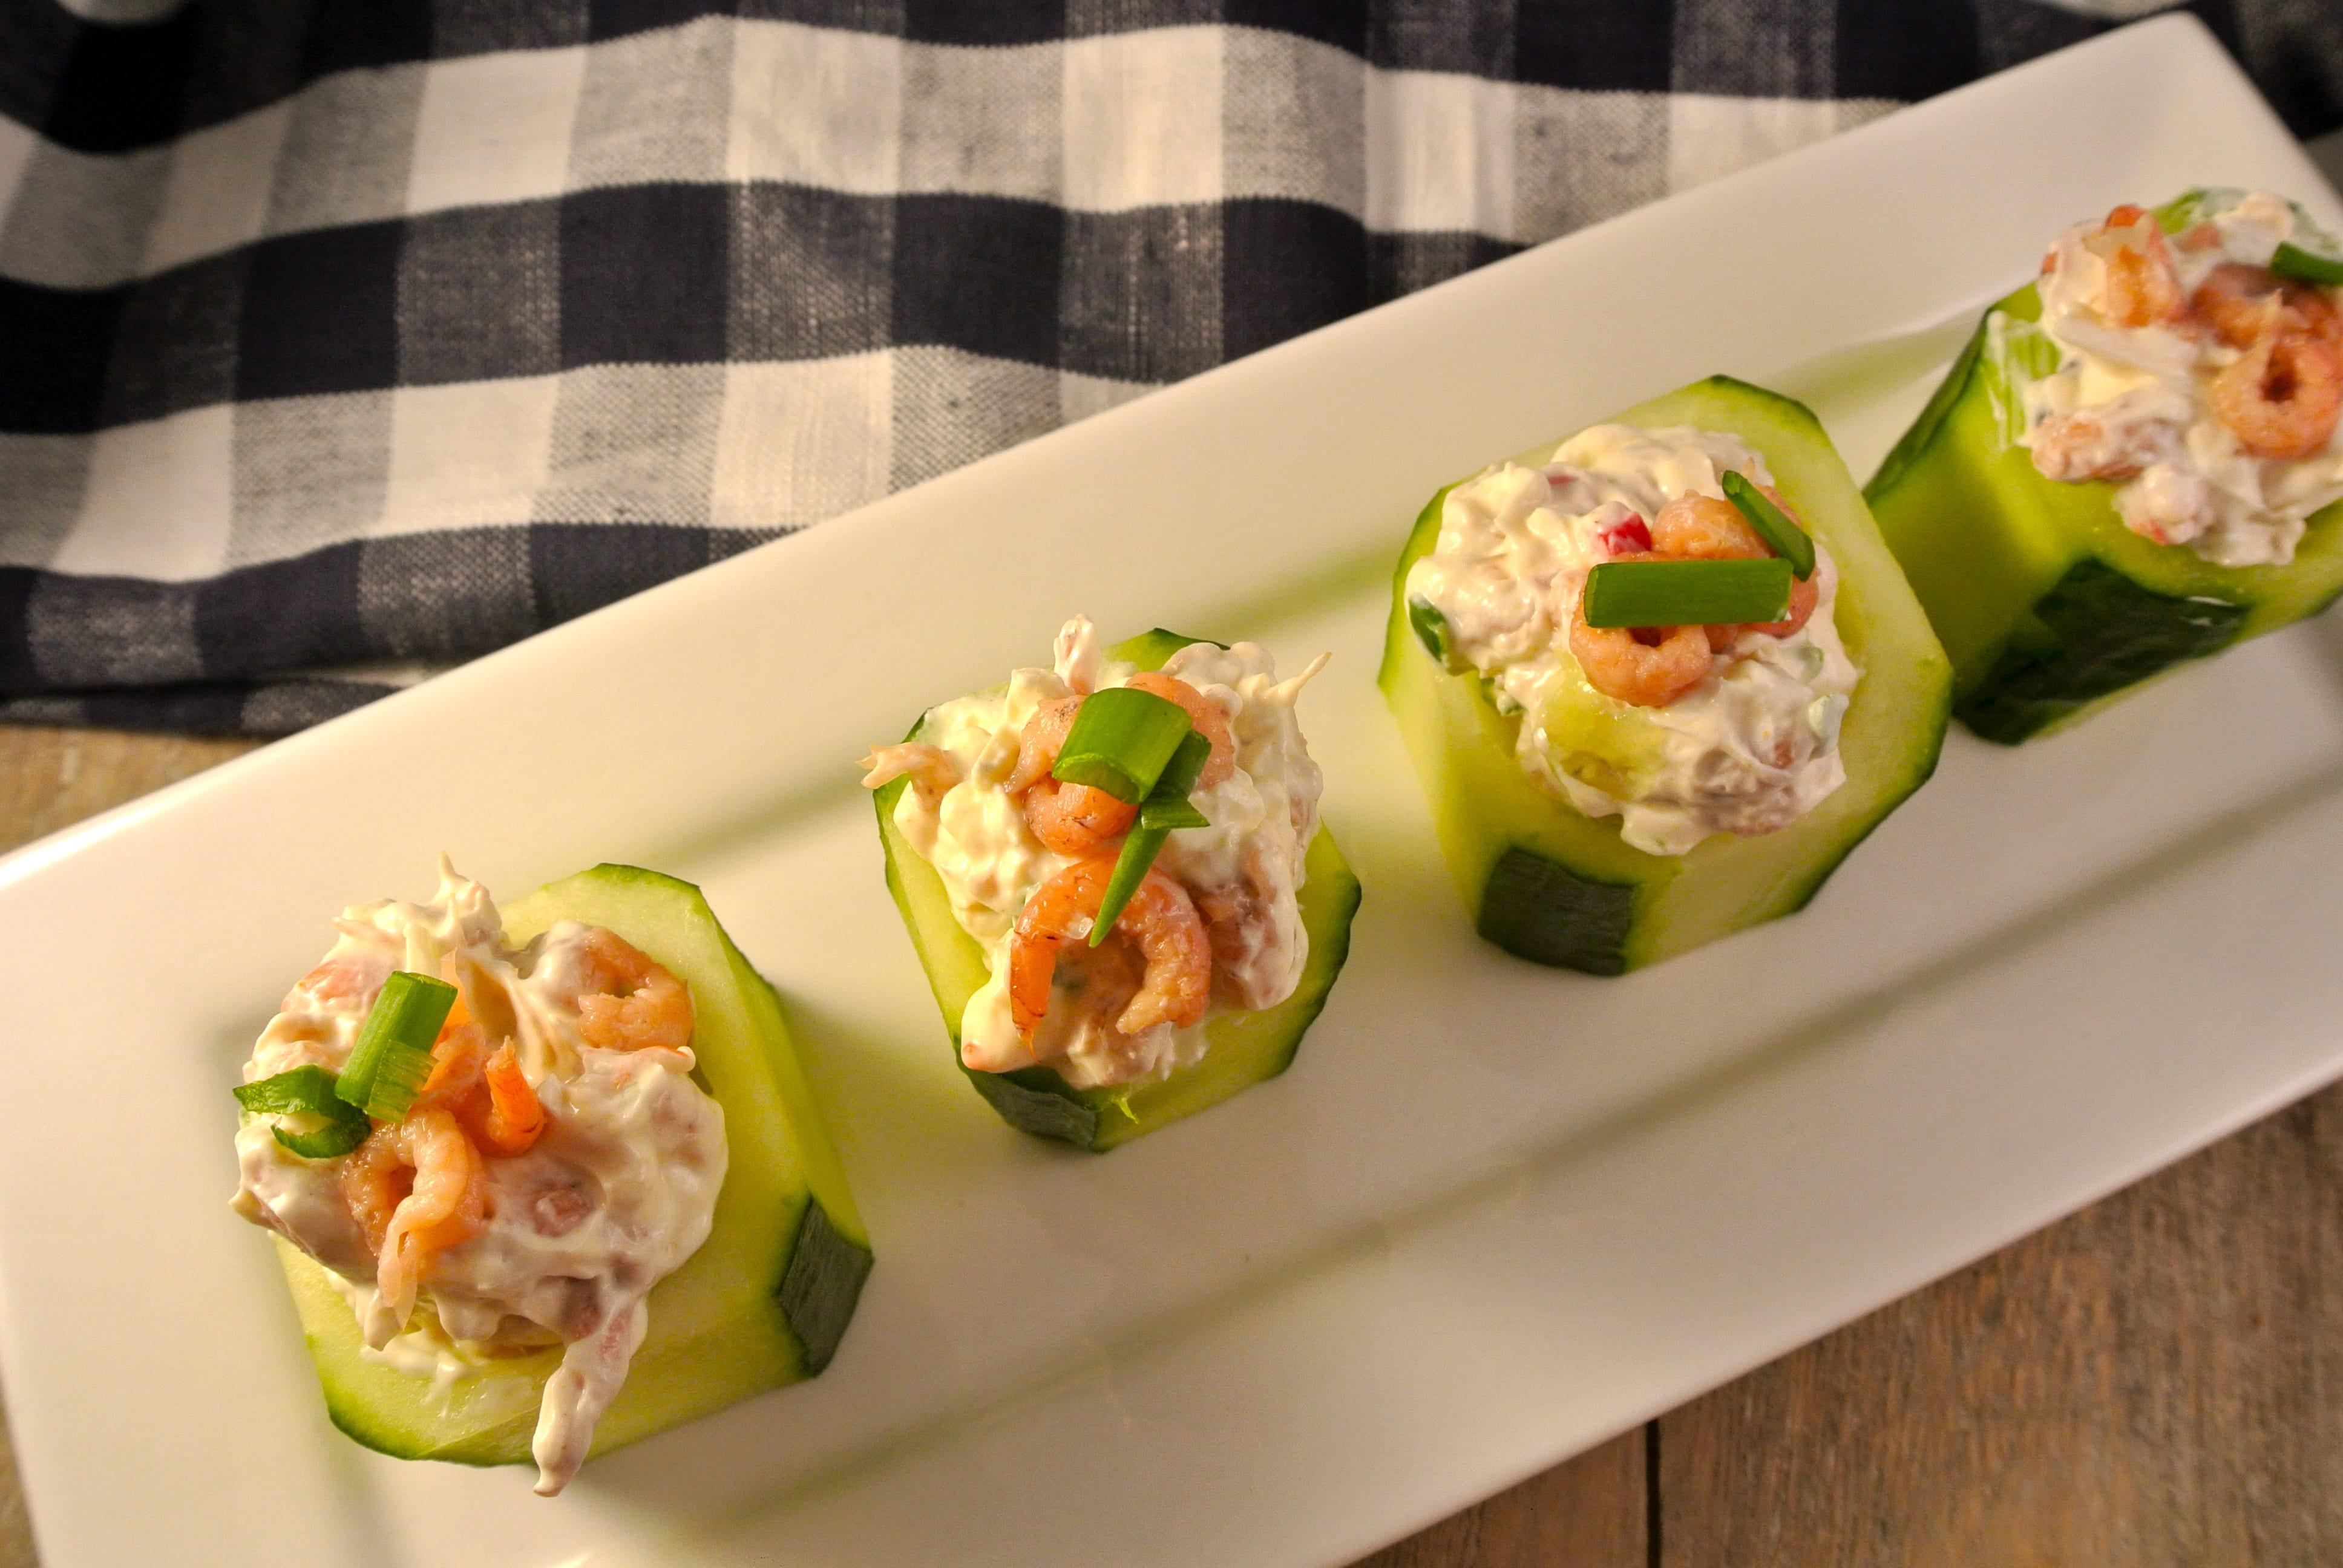 Fabulous Voorkeur Vegetarische Voorgerechten Koud KZ04 | Belbin.Info @KR07